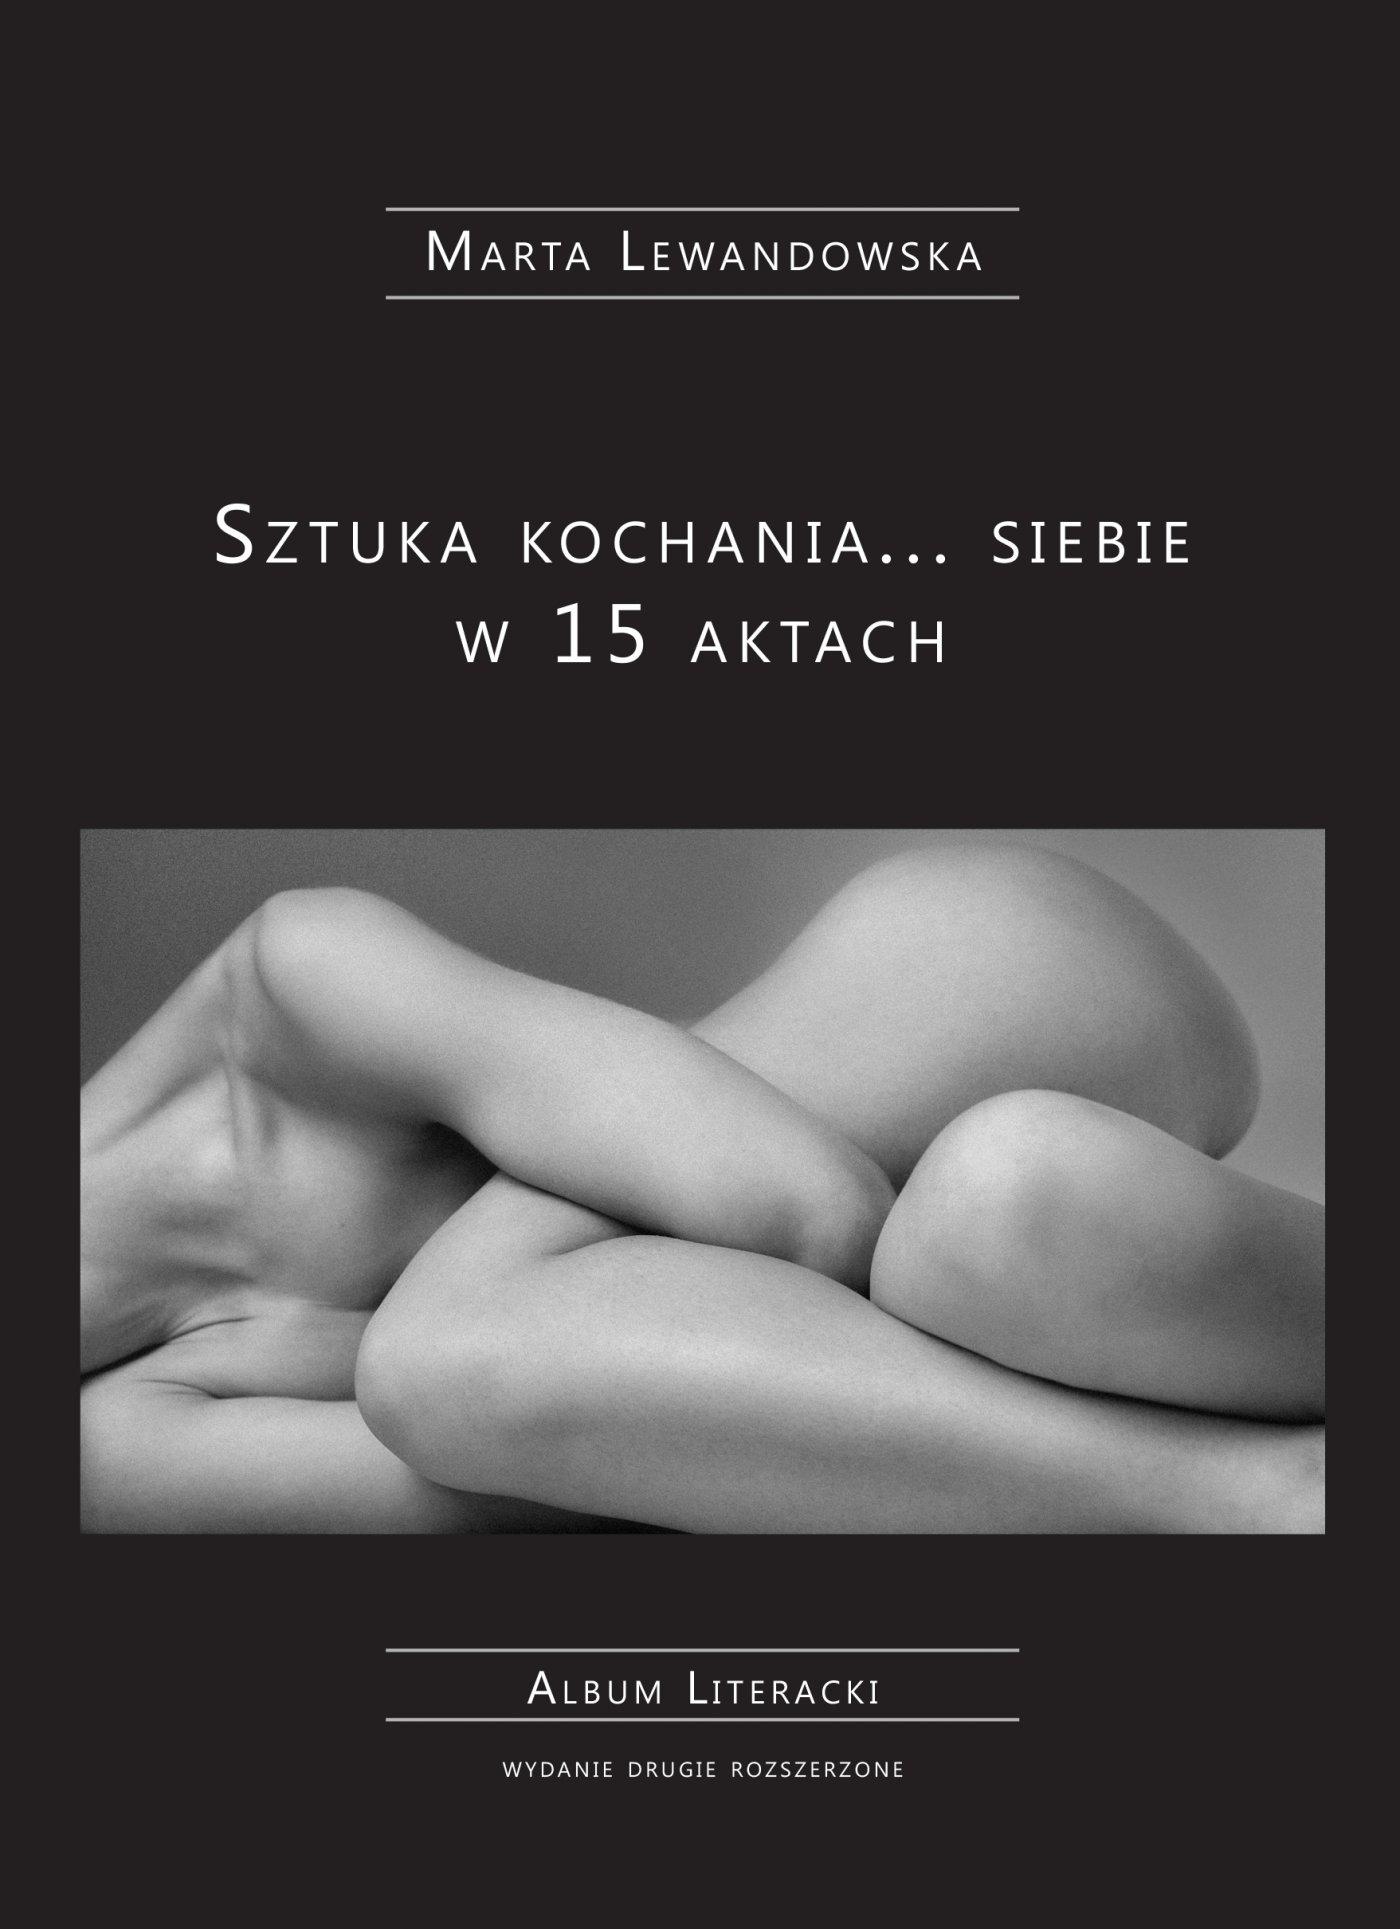 Sztuka kochania... siebie w 15 aktach - Ebook (Książka PDF) do pobrania w formacie PDF